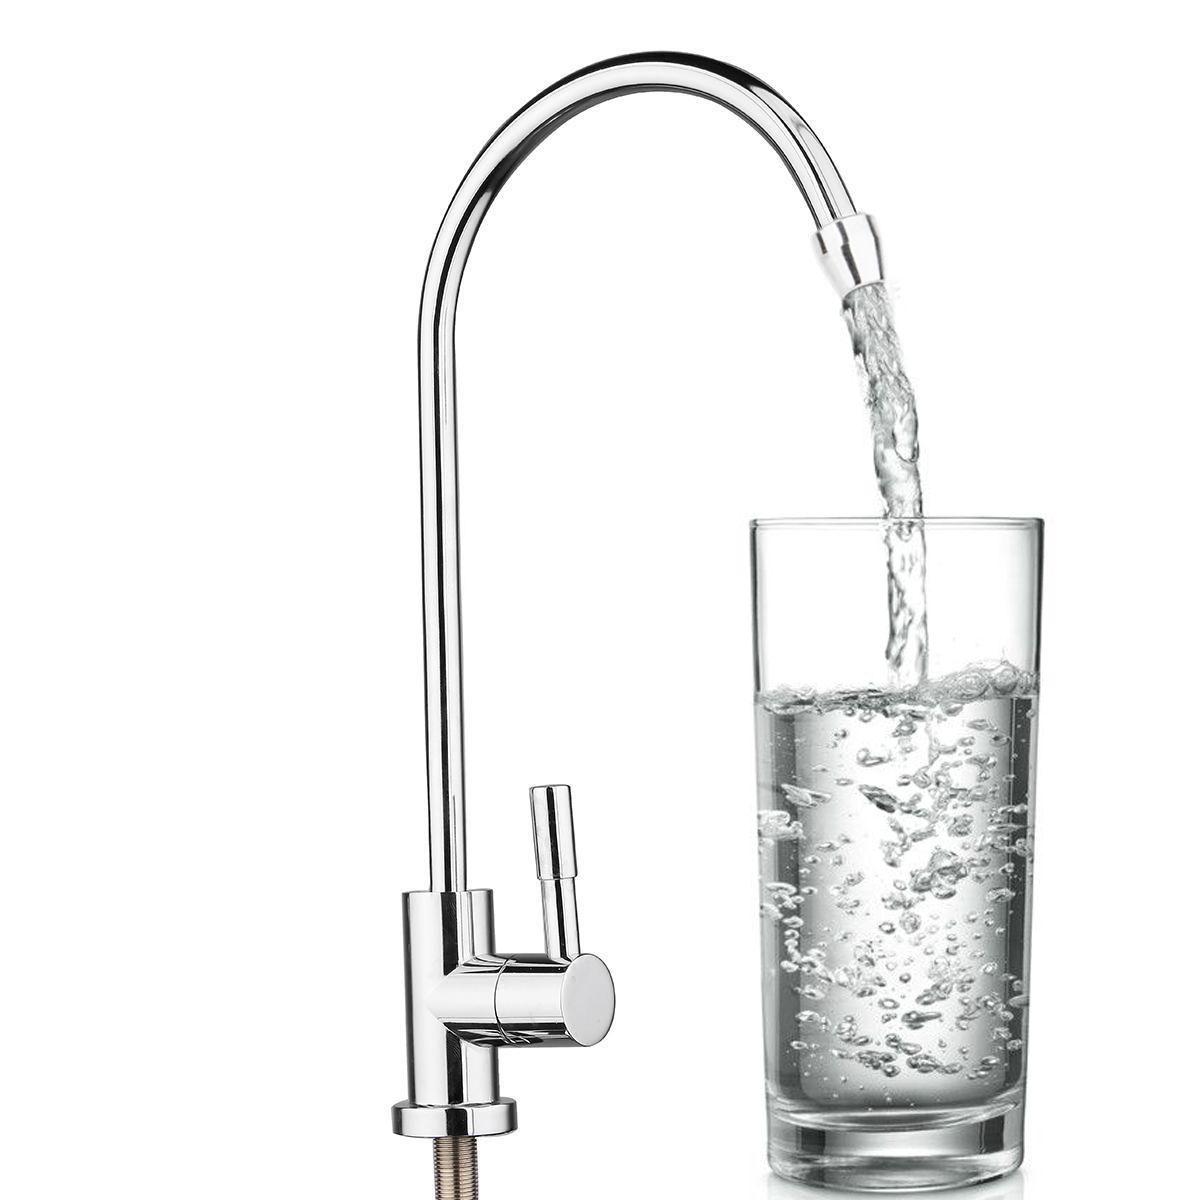 1 stück 304 Edelstahl Wasserfilter Wasserhahn 1/4 360 Grad Chrom Osmose Trinkwasser RO Finish Reverse Waschbecken Armaturen